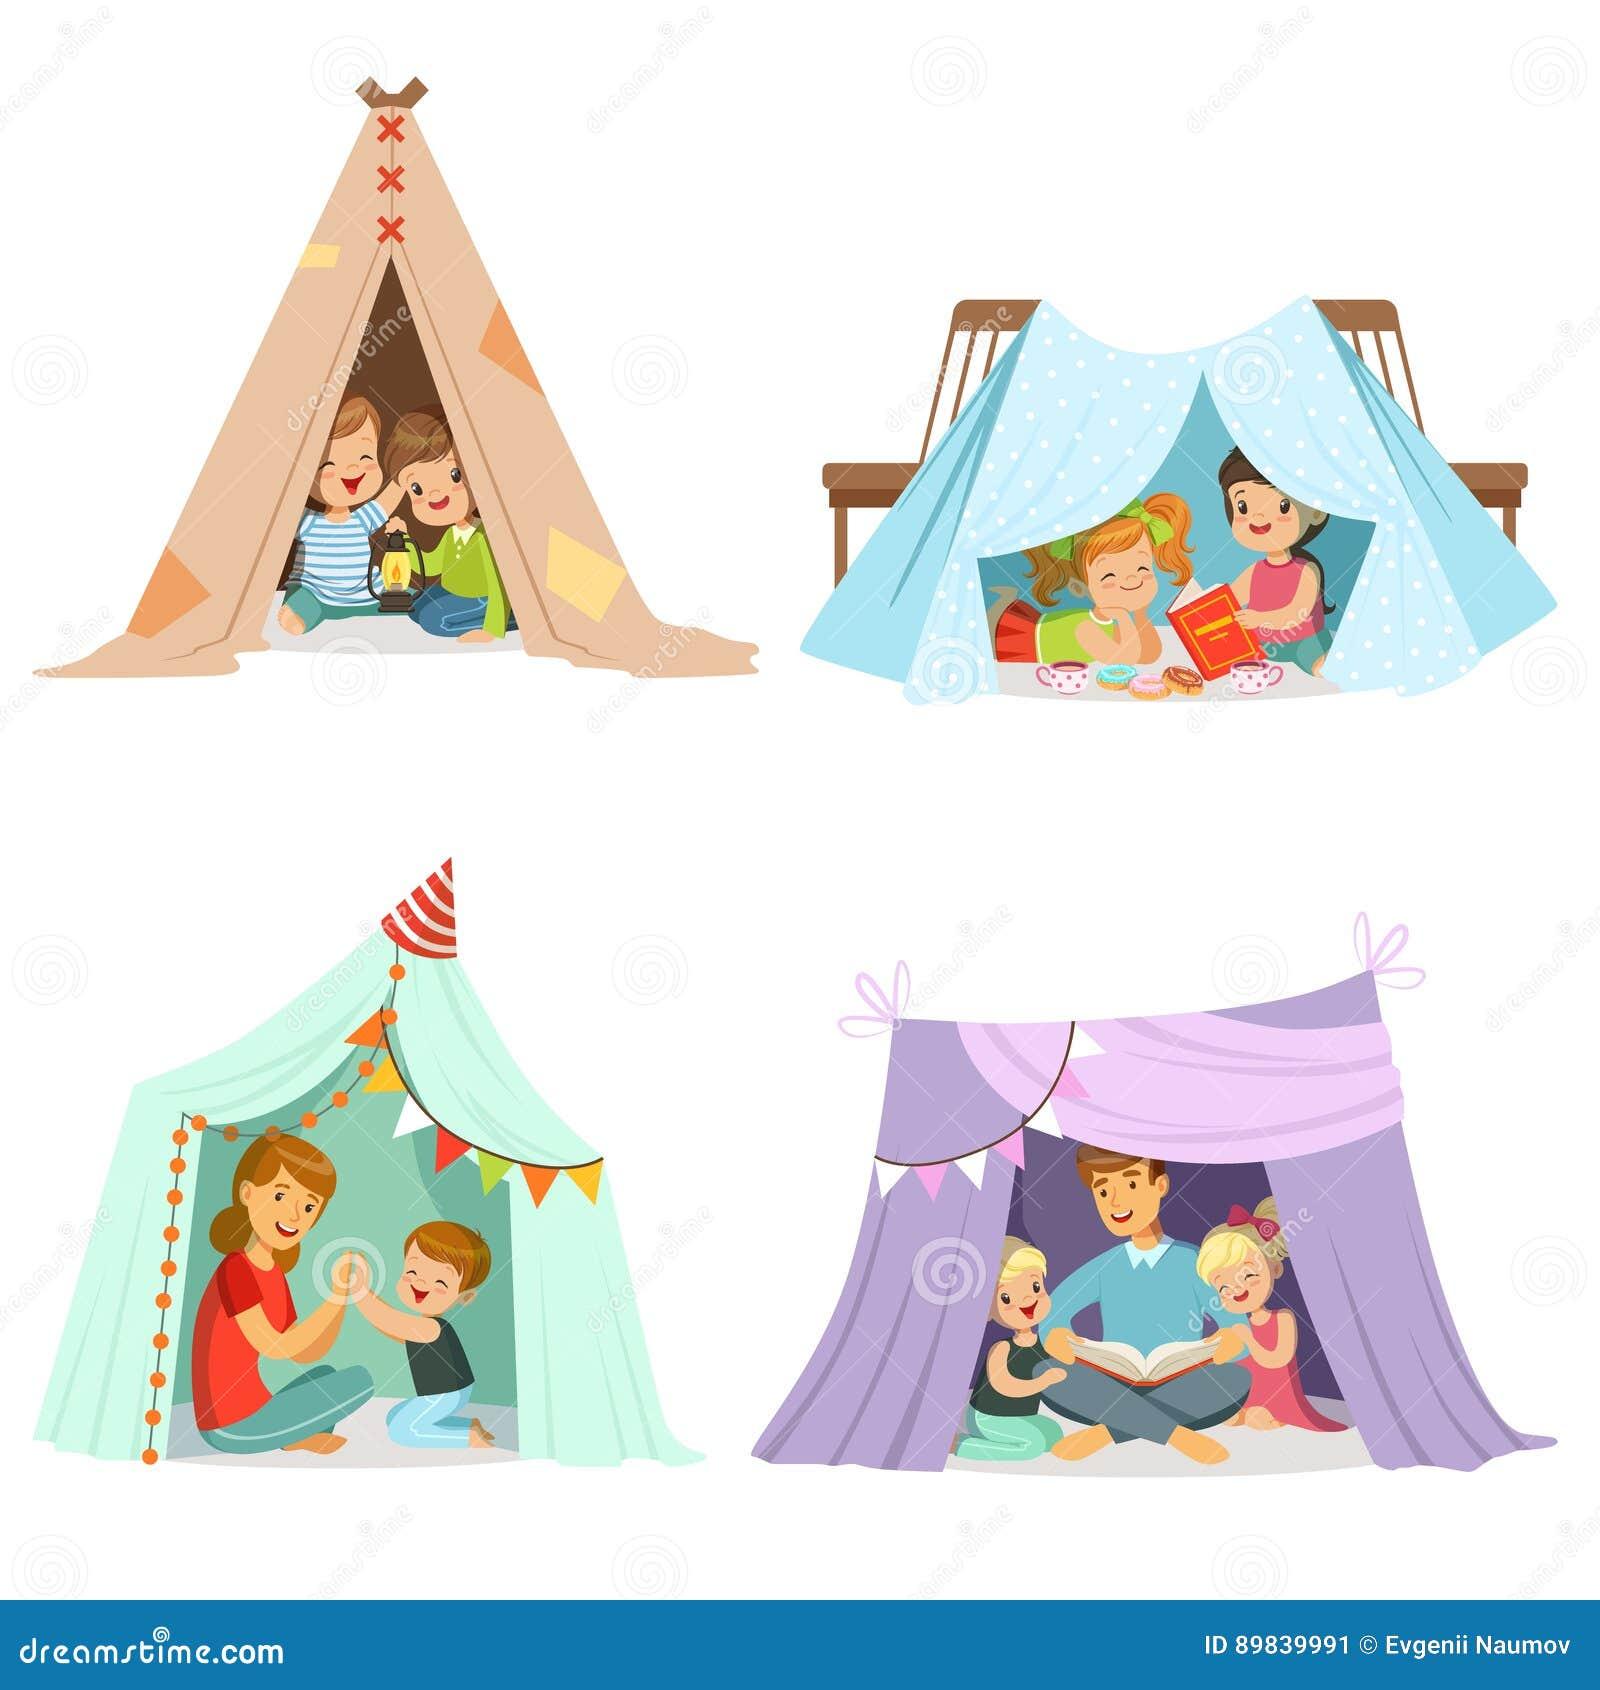 使用与圆锥形帐蓬帐篷,标签设计的集合的逗人喜爱的小孩 动画片详细的五颜六色的例证